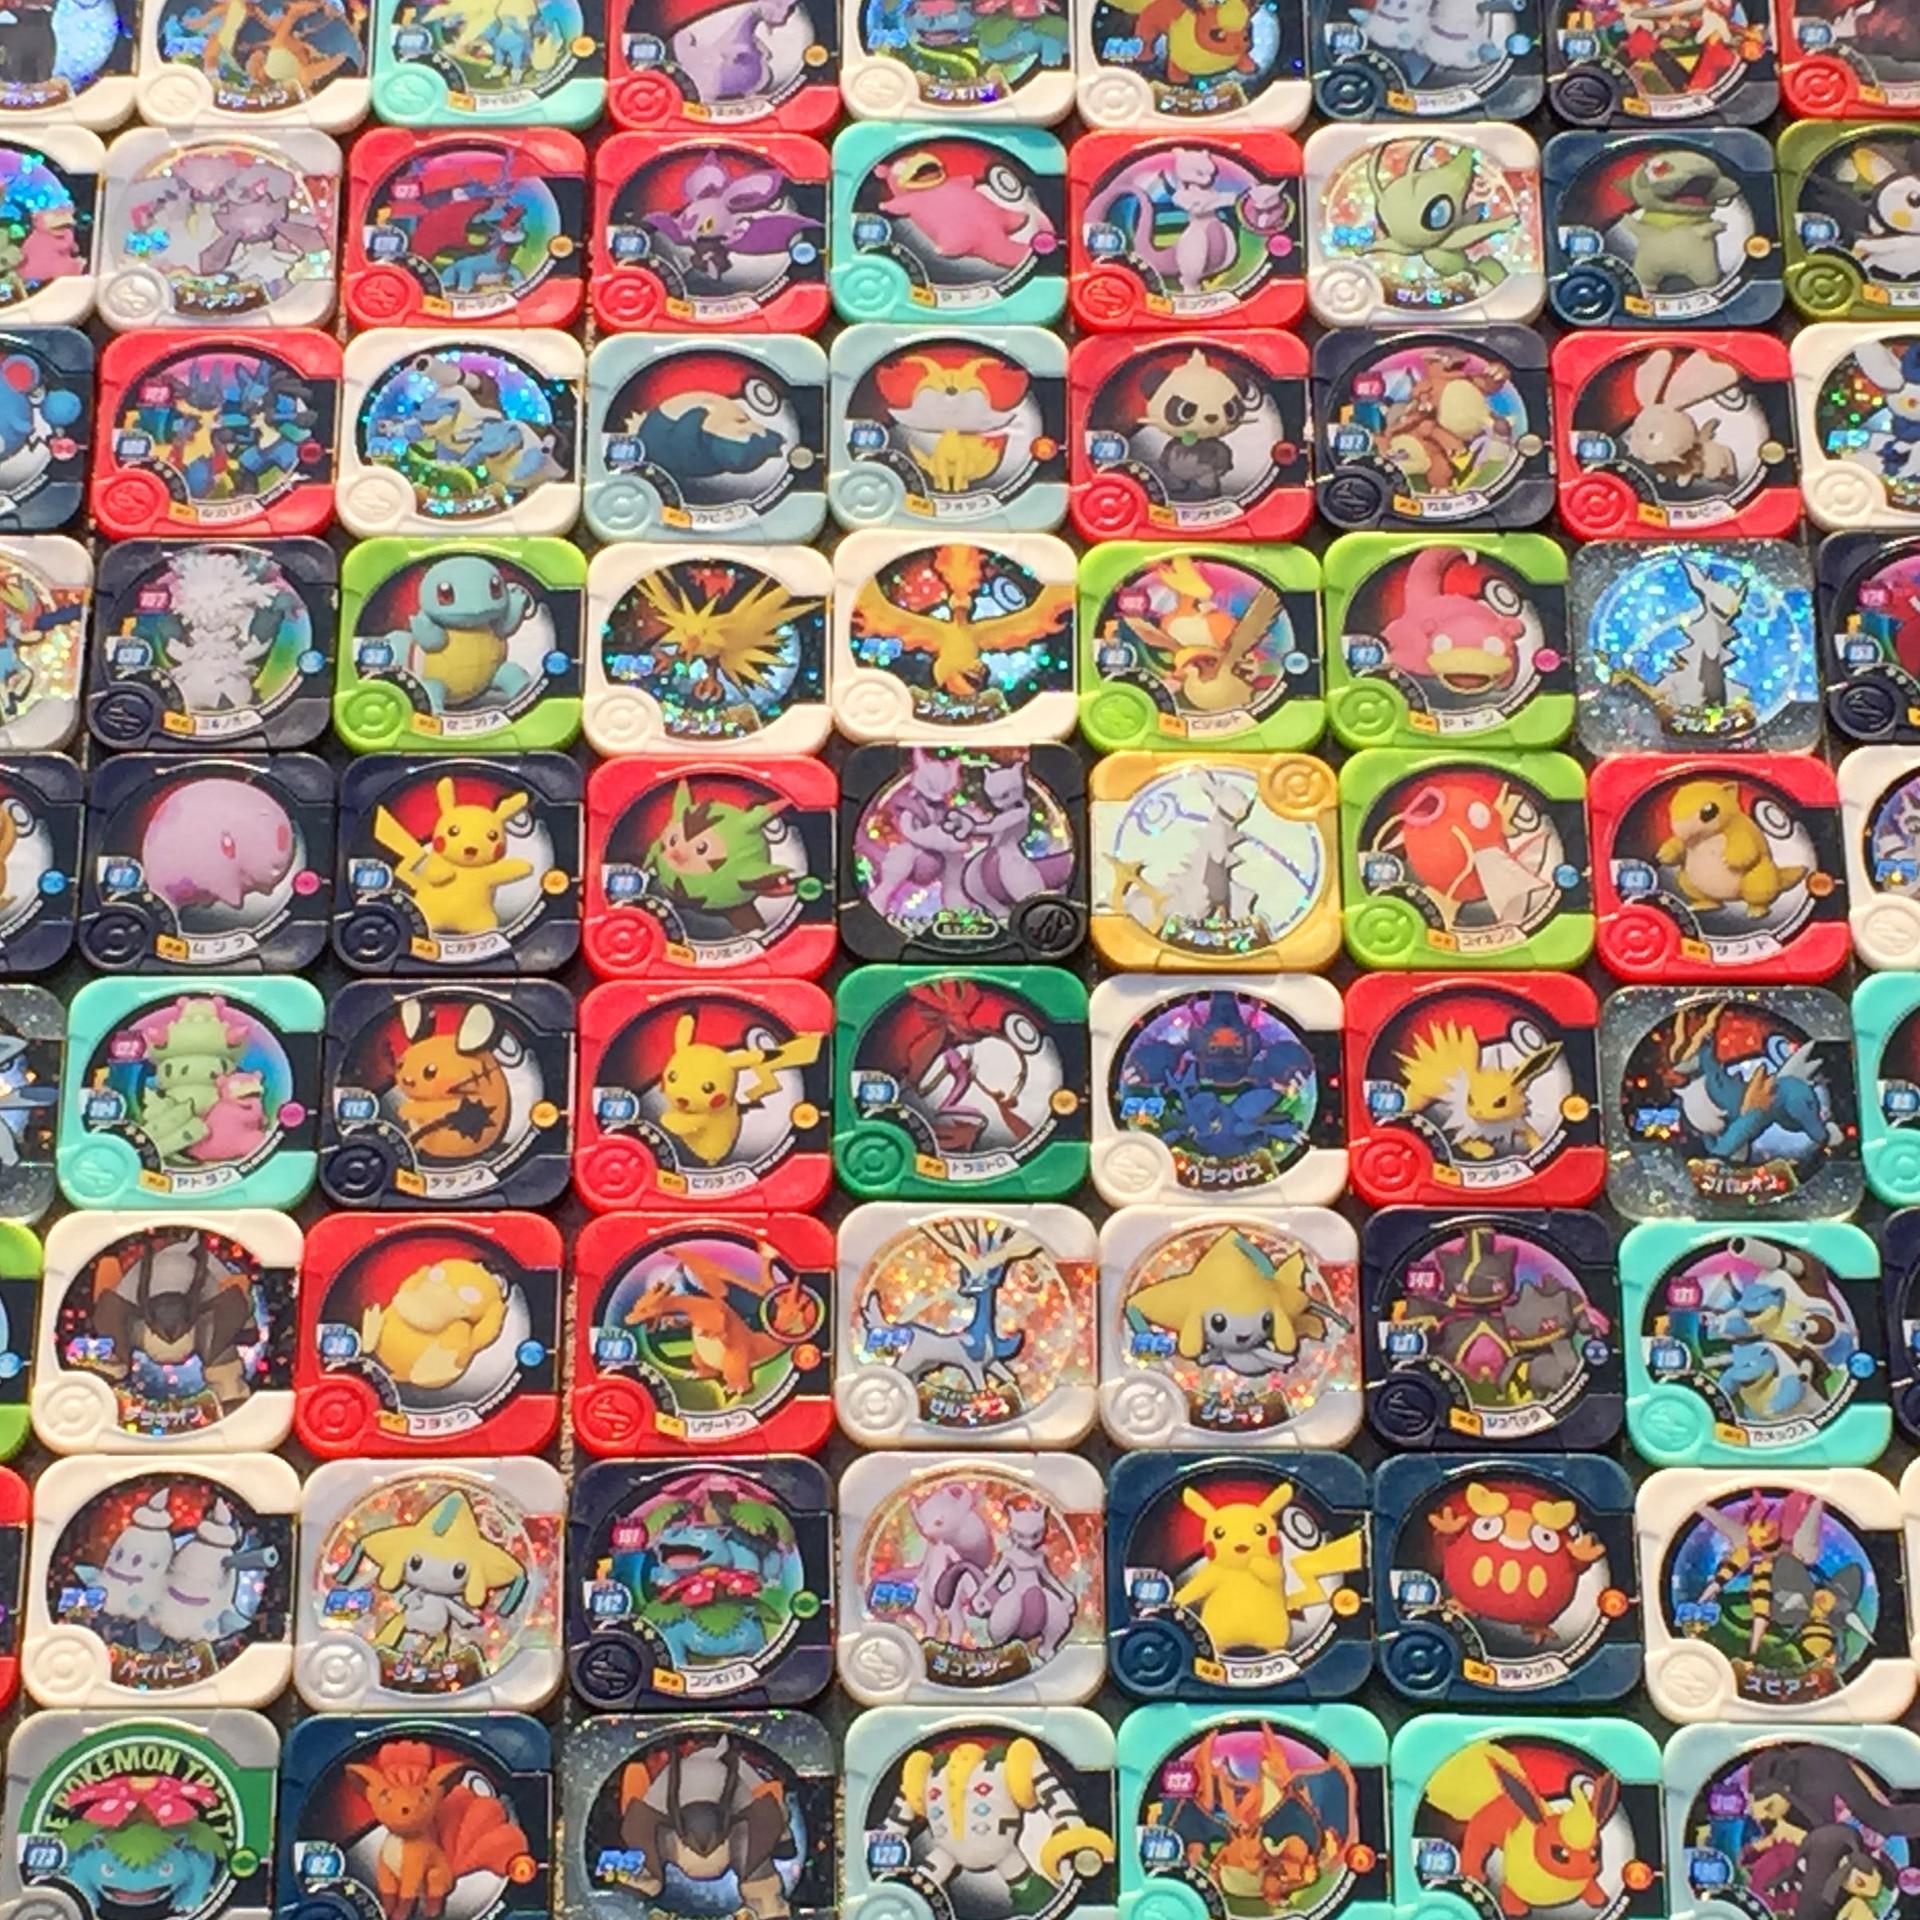 Покемон TAKARA TOMY оригинальный 200 Стили TRETTA черного и золотого цвета игрушки хобби Коллекционные вещи игра Коллекция аниме открытки для детей